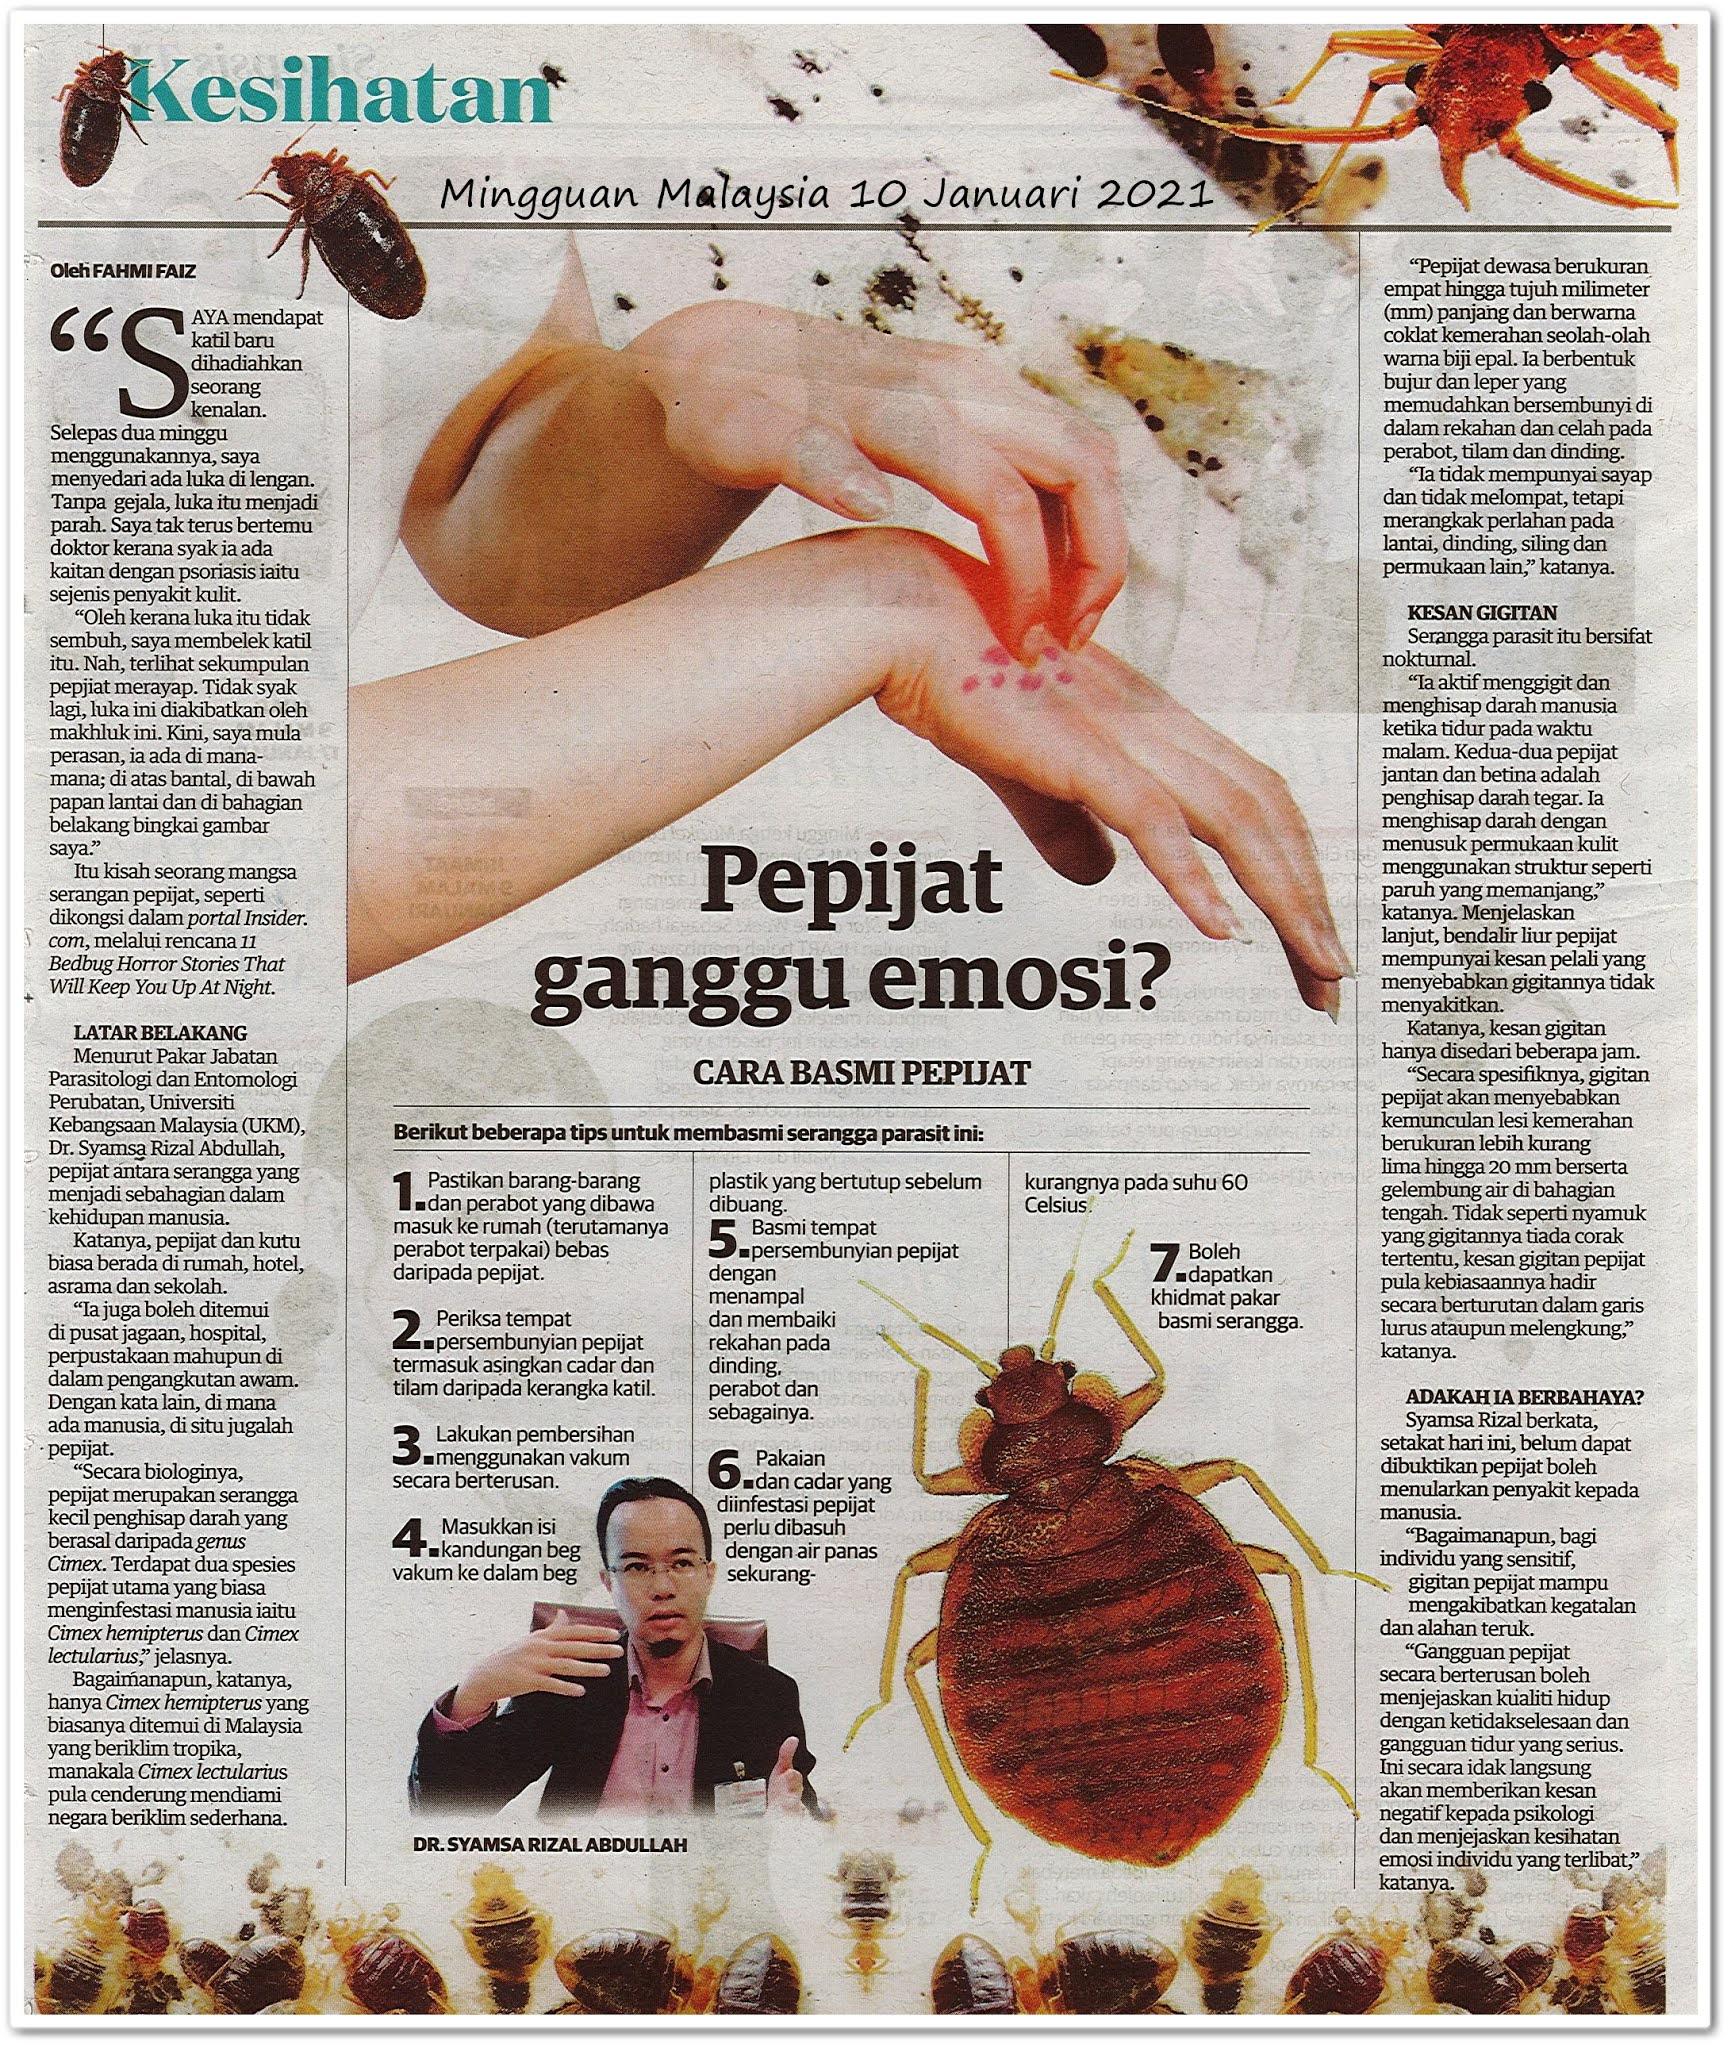 Pepijat ganggu emosi? - Keratan akhbar Mingguan Malaysia 10 Januari 2021